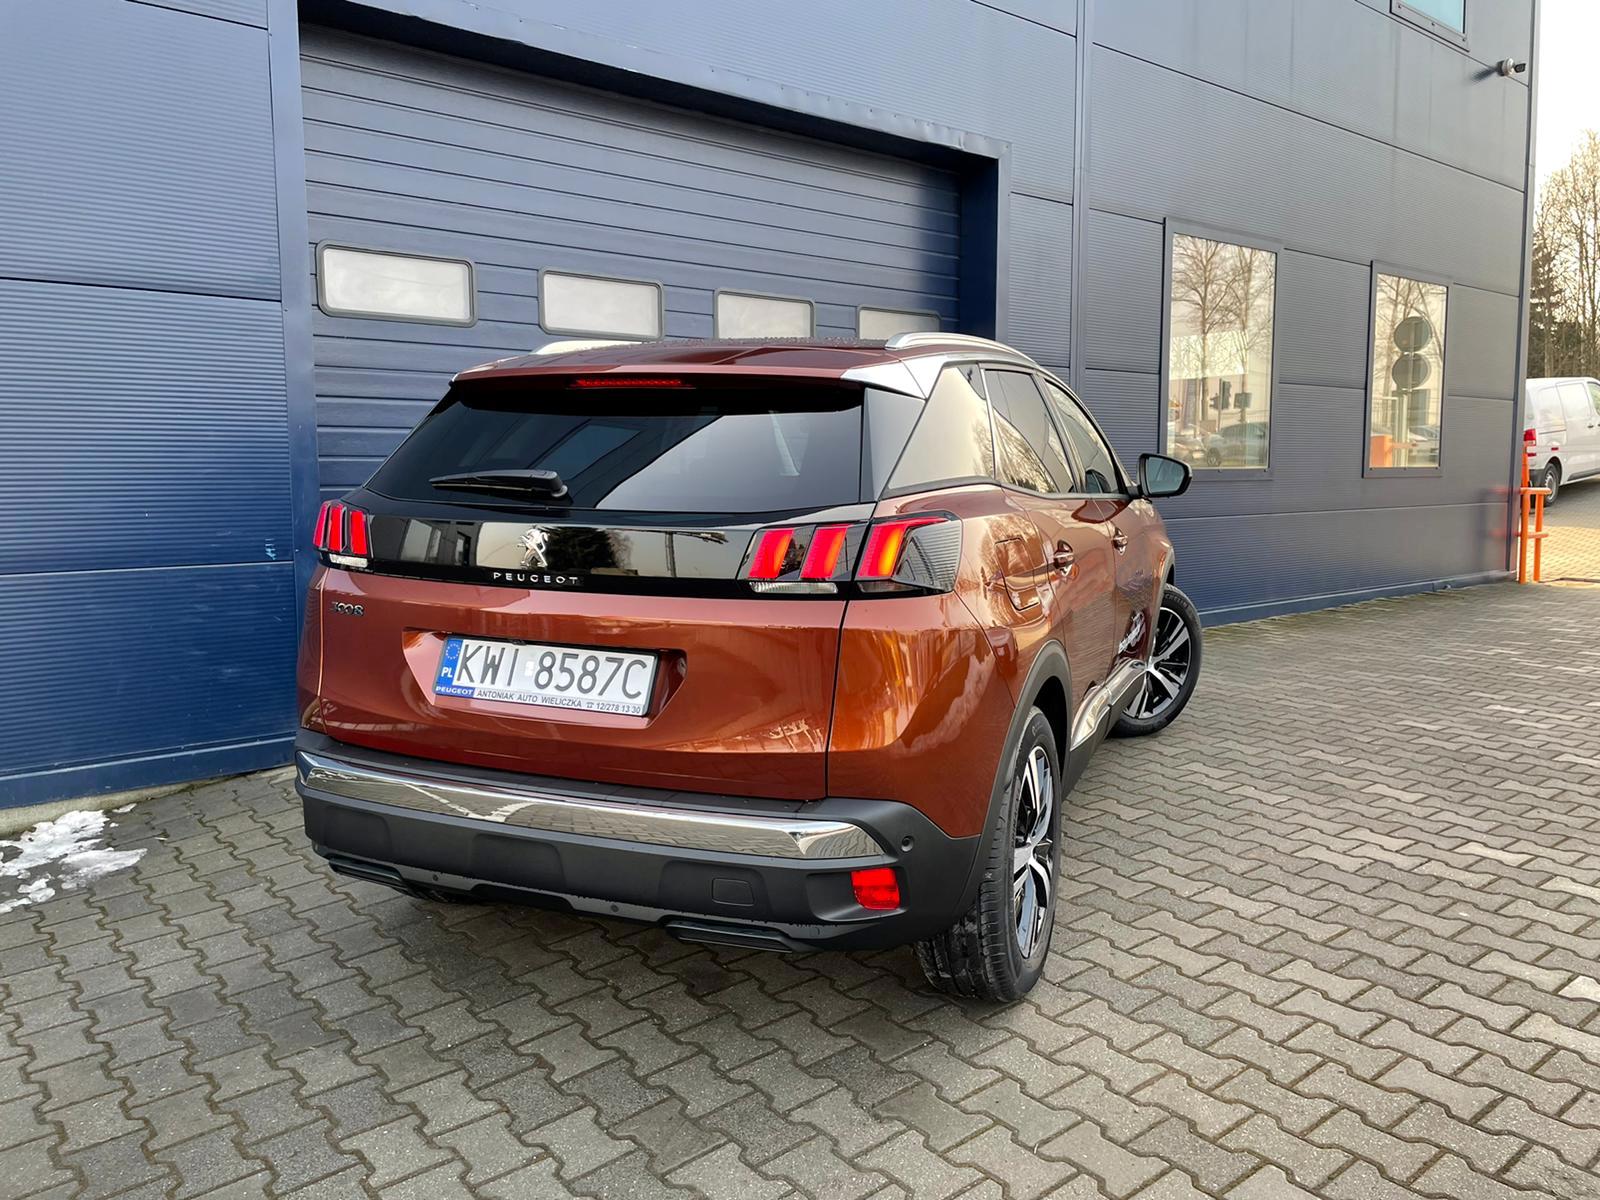 Freemoto - Peugeot 3008  1.2 PureTech Allure S&S EAT8